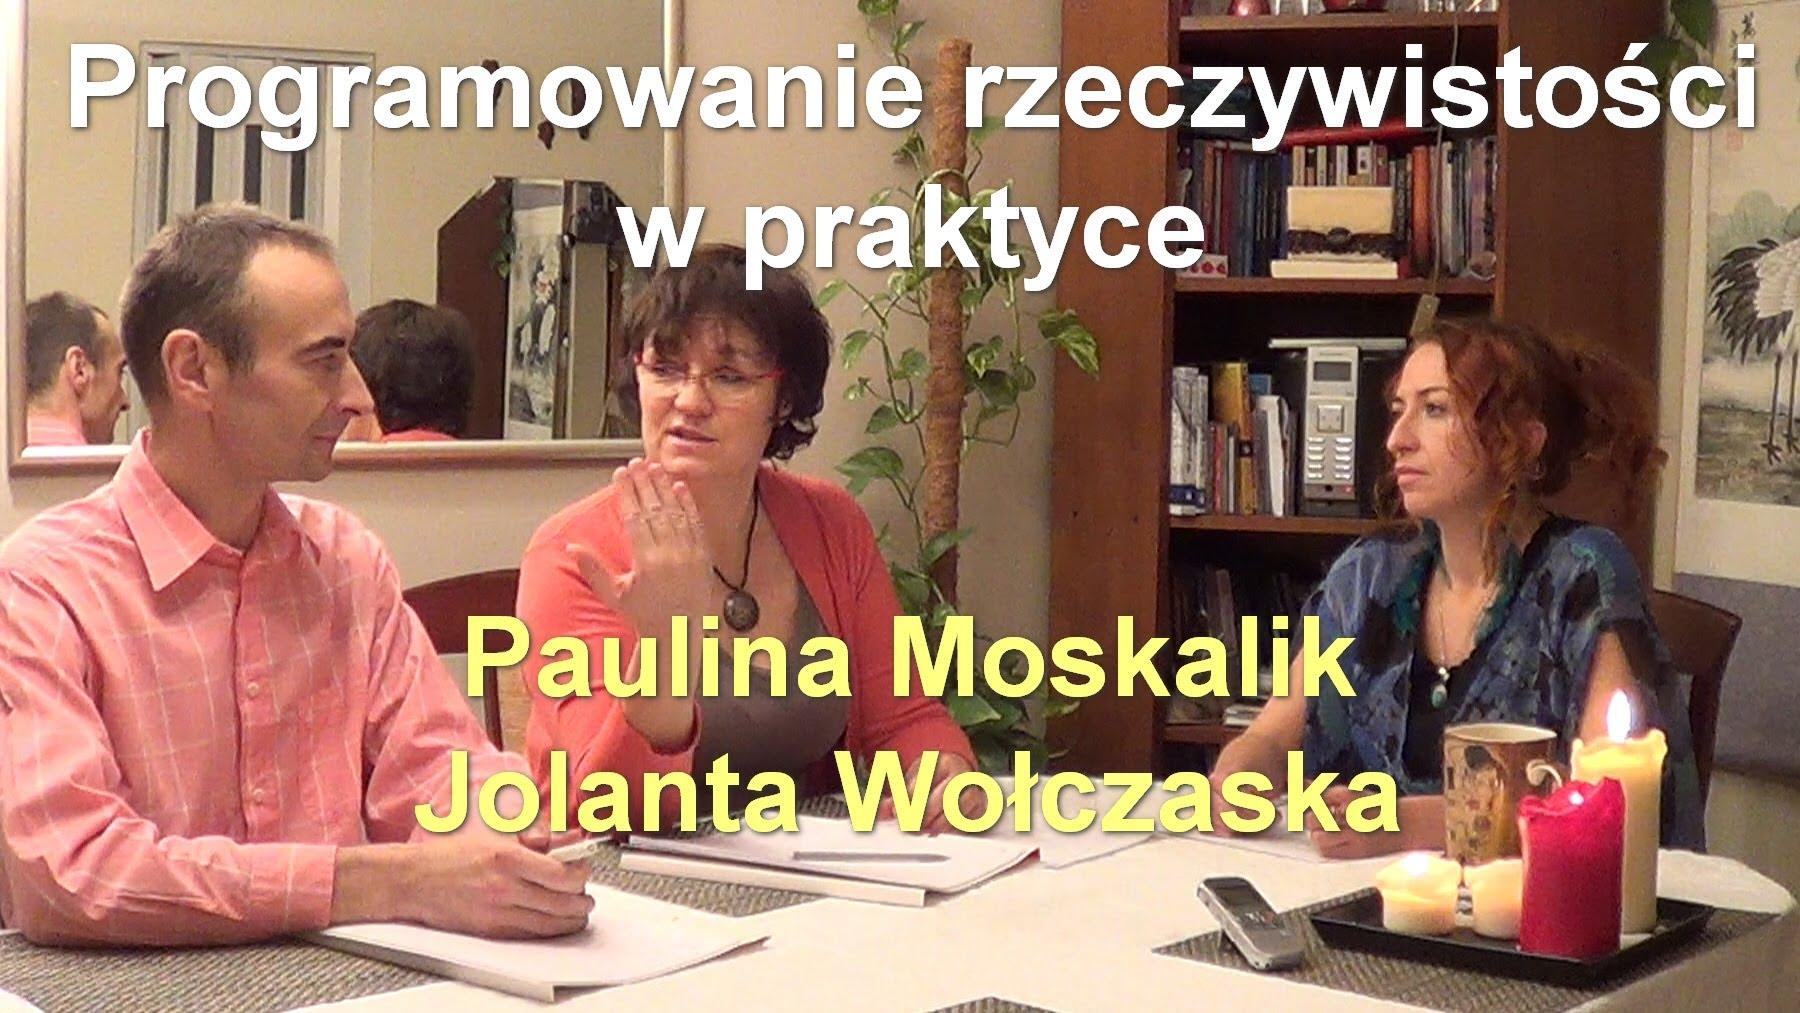 Programowanie rzeczywistości w praktyce – Paulina Moskalik